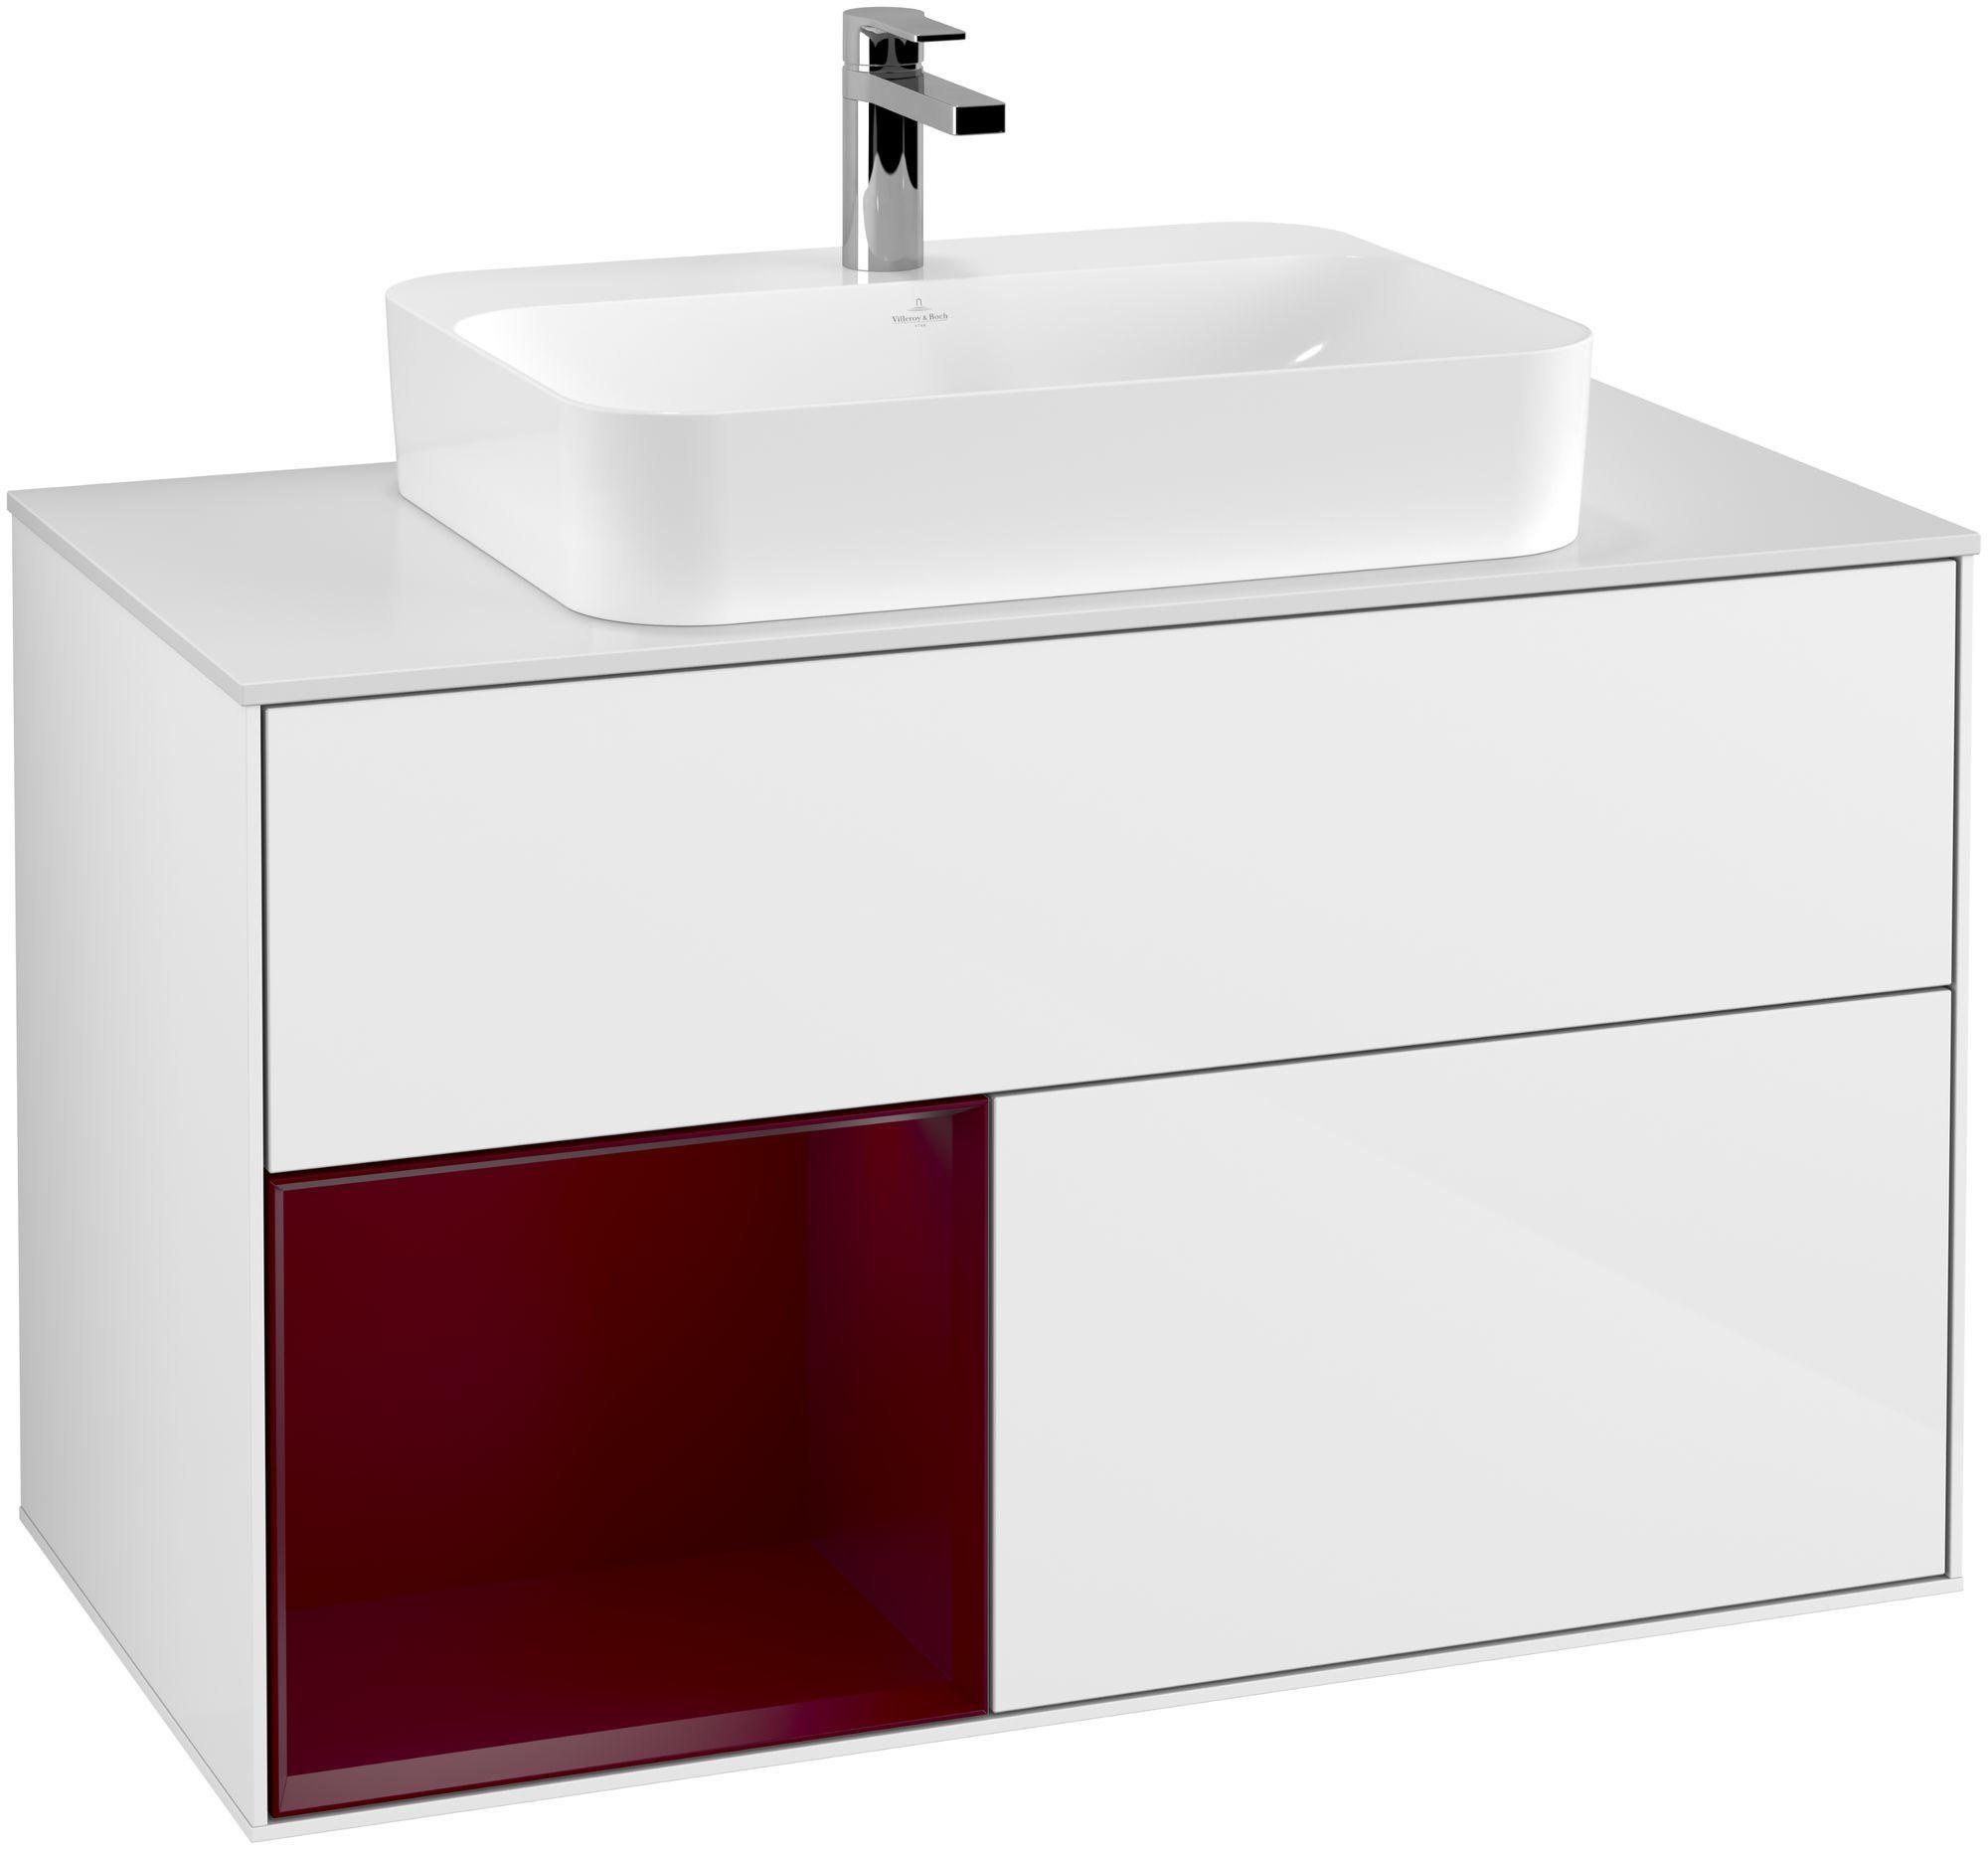 Villeroy & Boch Finion G36 Waschtischunterschrank mit Regalelement 2 Auszüge für WT mittig LED-Beleuchtung B:100xH:60,3xT:50,1cm Front, Korpus: Glossy White Lack, Regal: Peony, Glasplatte: White Matt G361HBGF